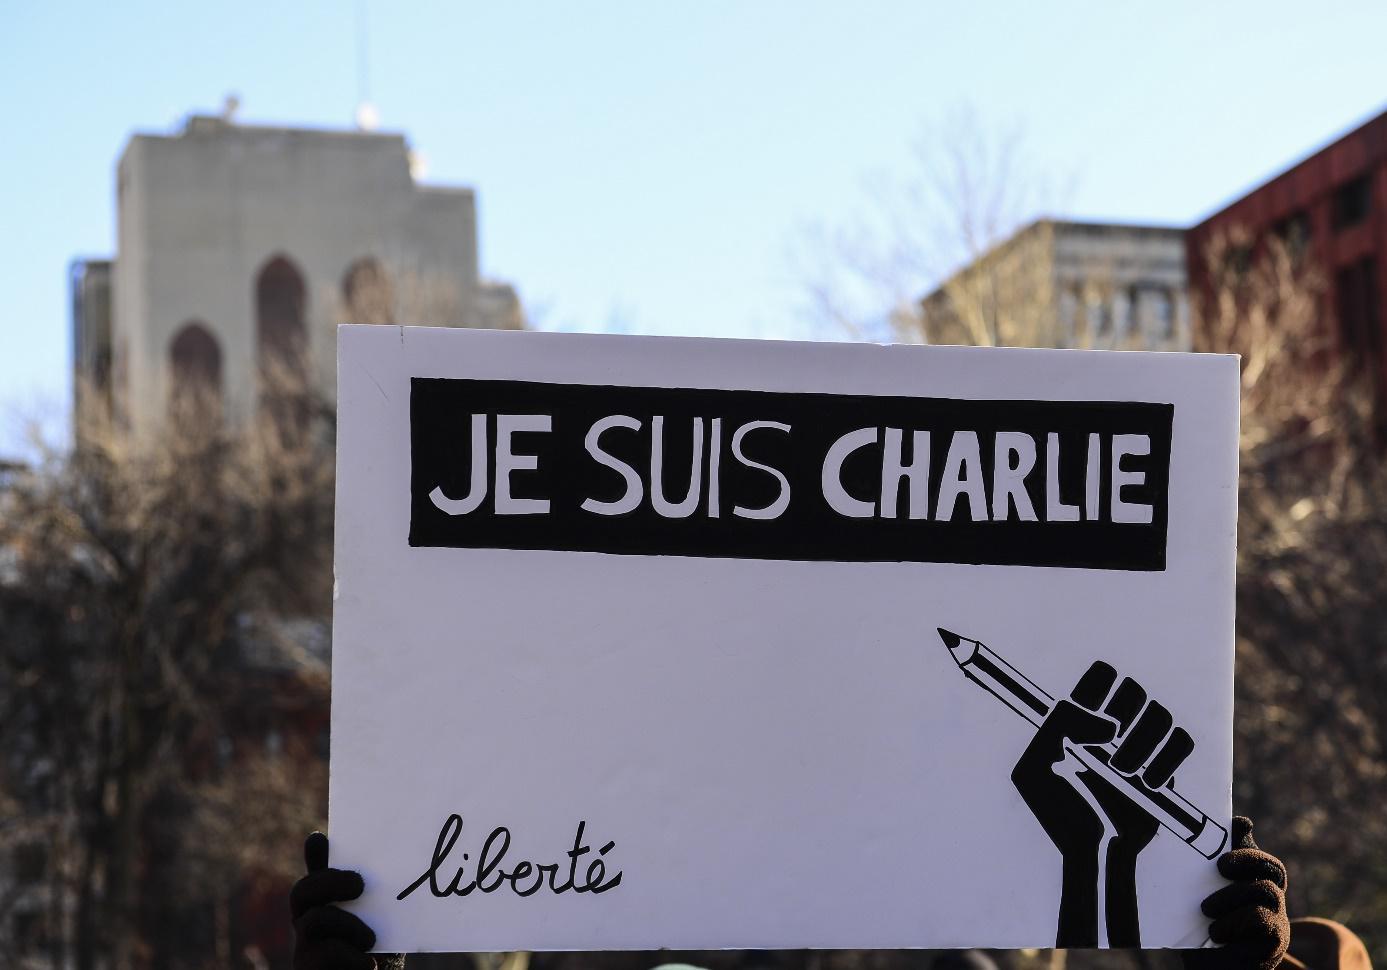 Urážlivé karikatury: Jak by měli muslimové reagovat?